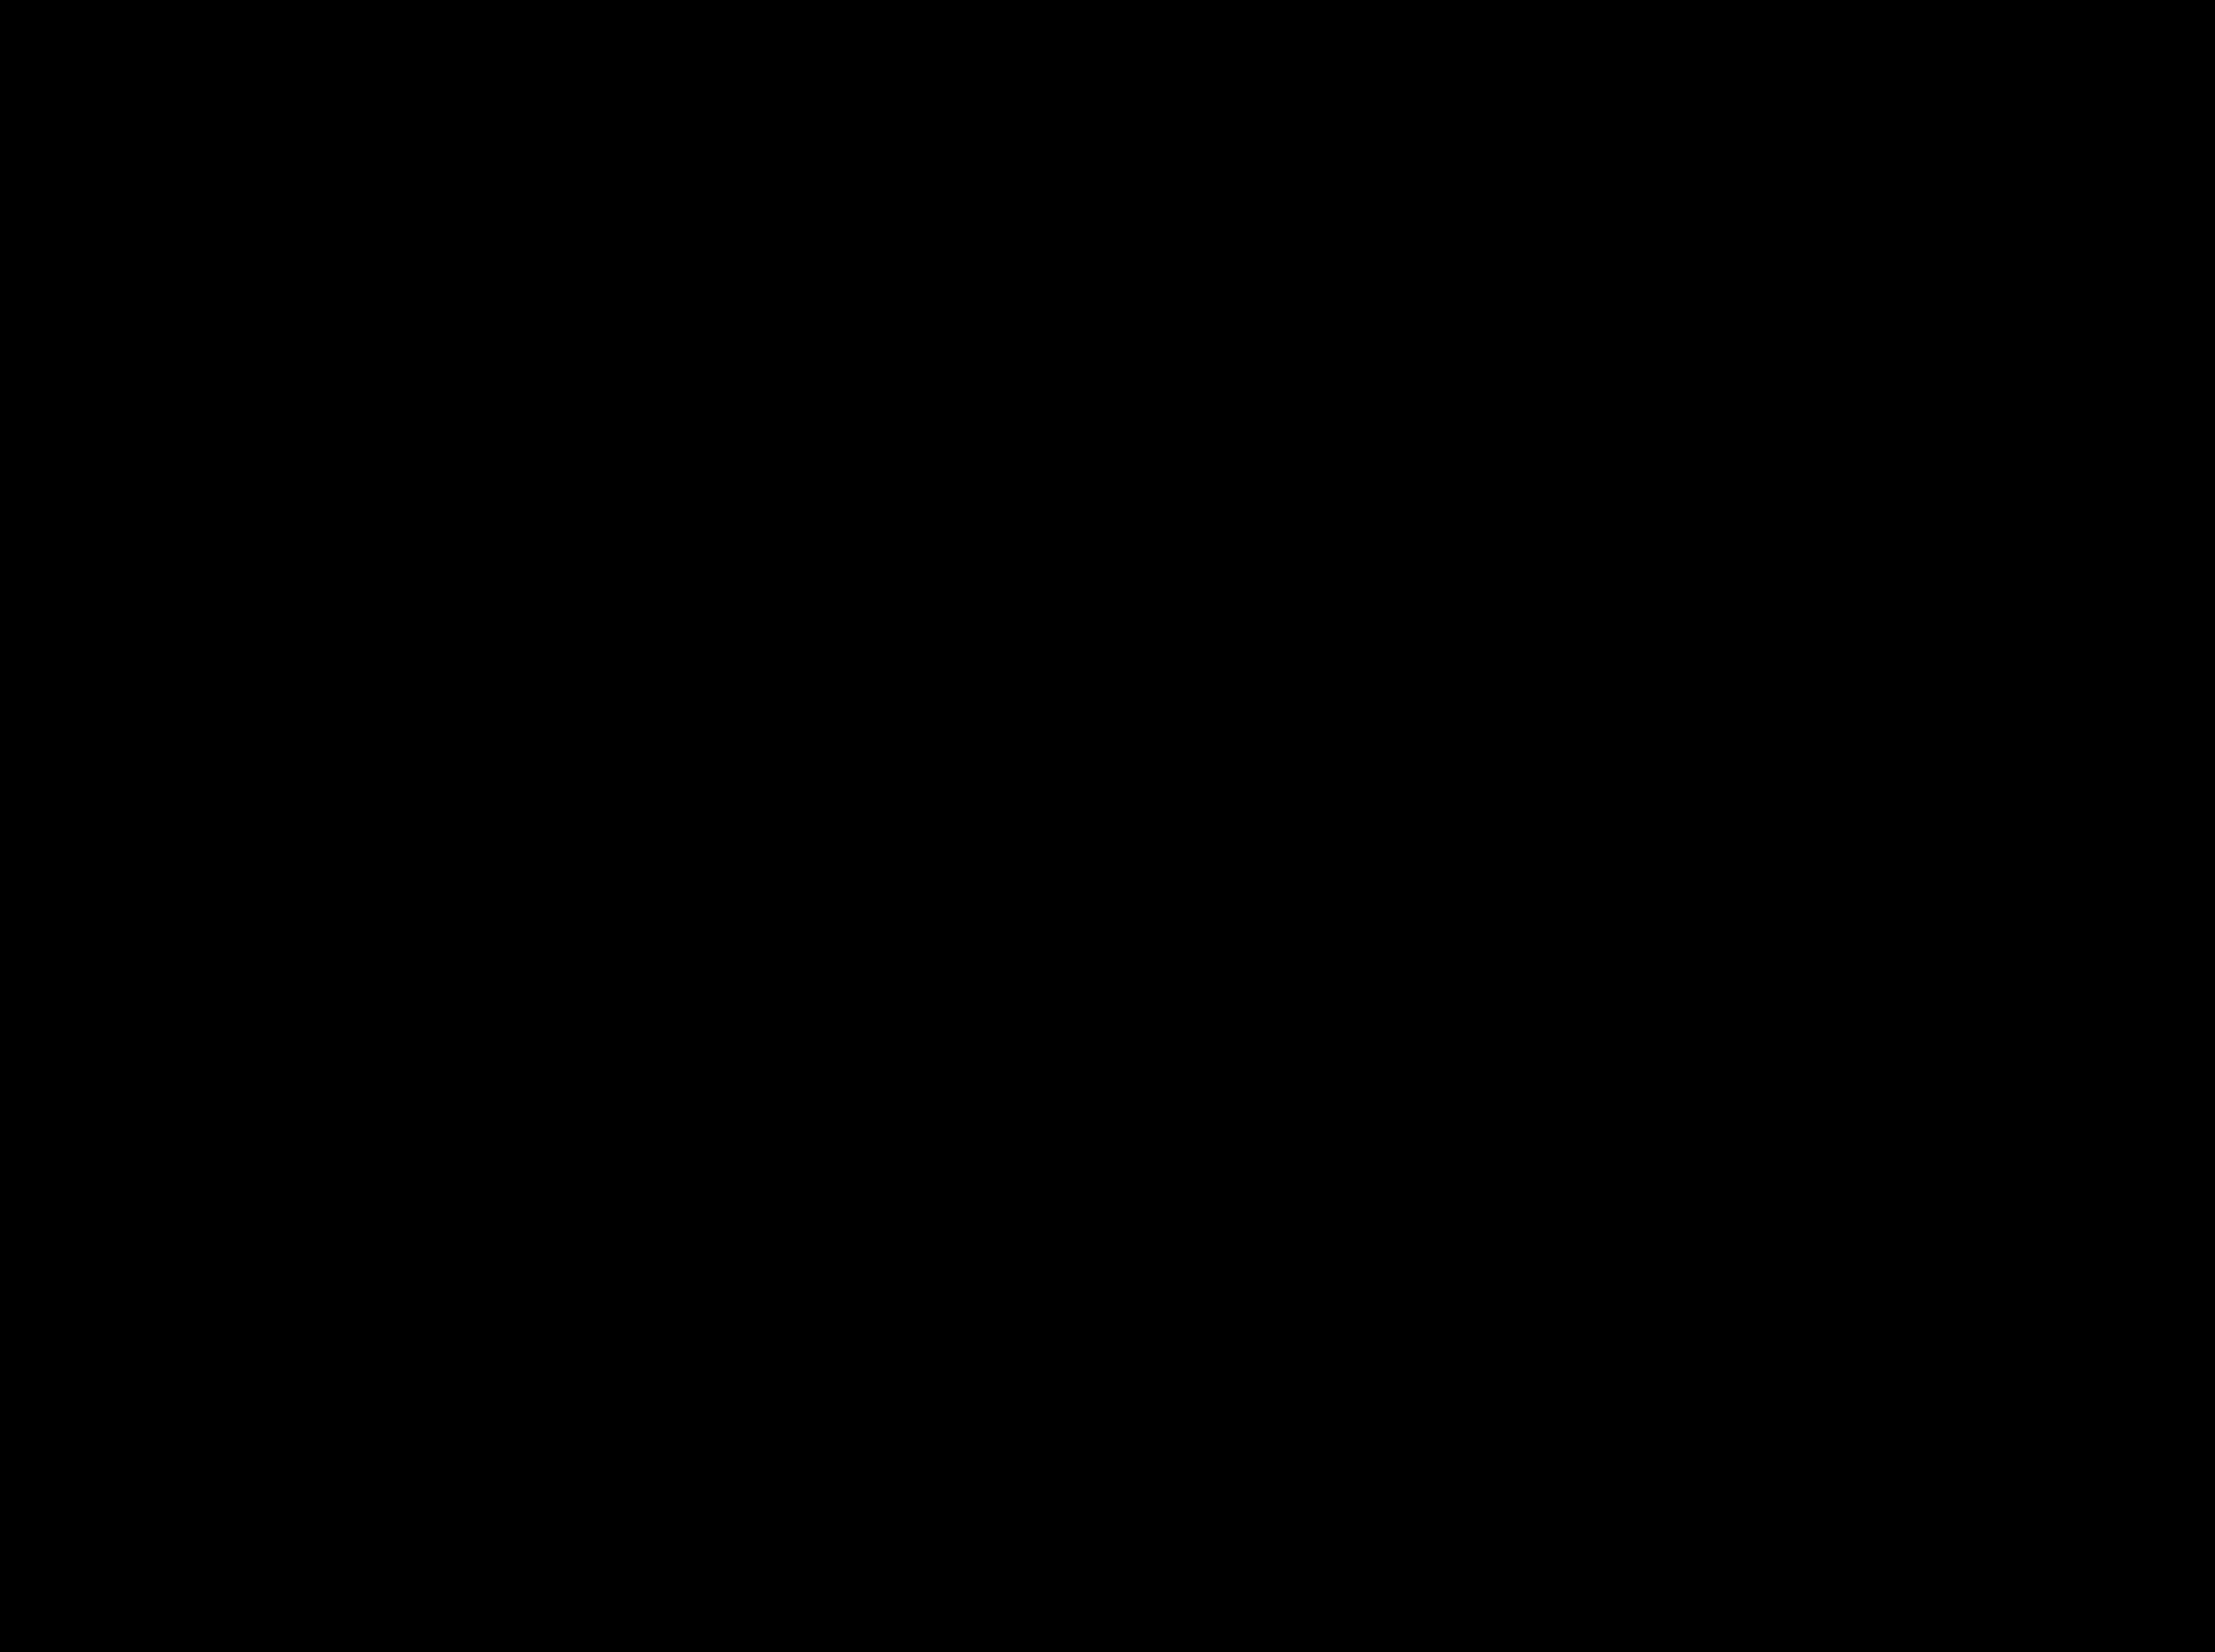 Gambar Tangan Bayangan Hitam Jari Agama Ilustrasi Doa Gambar